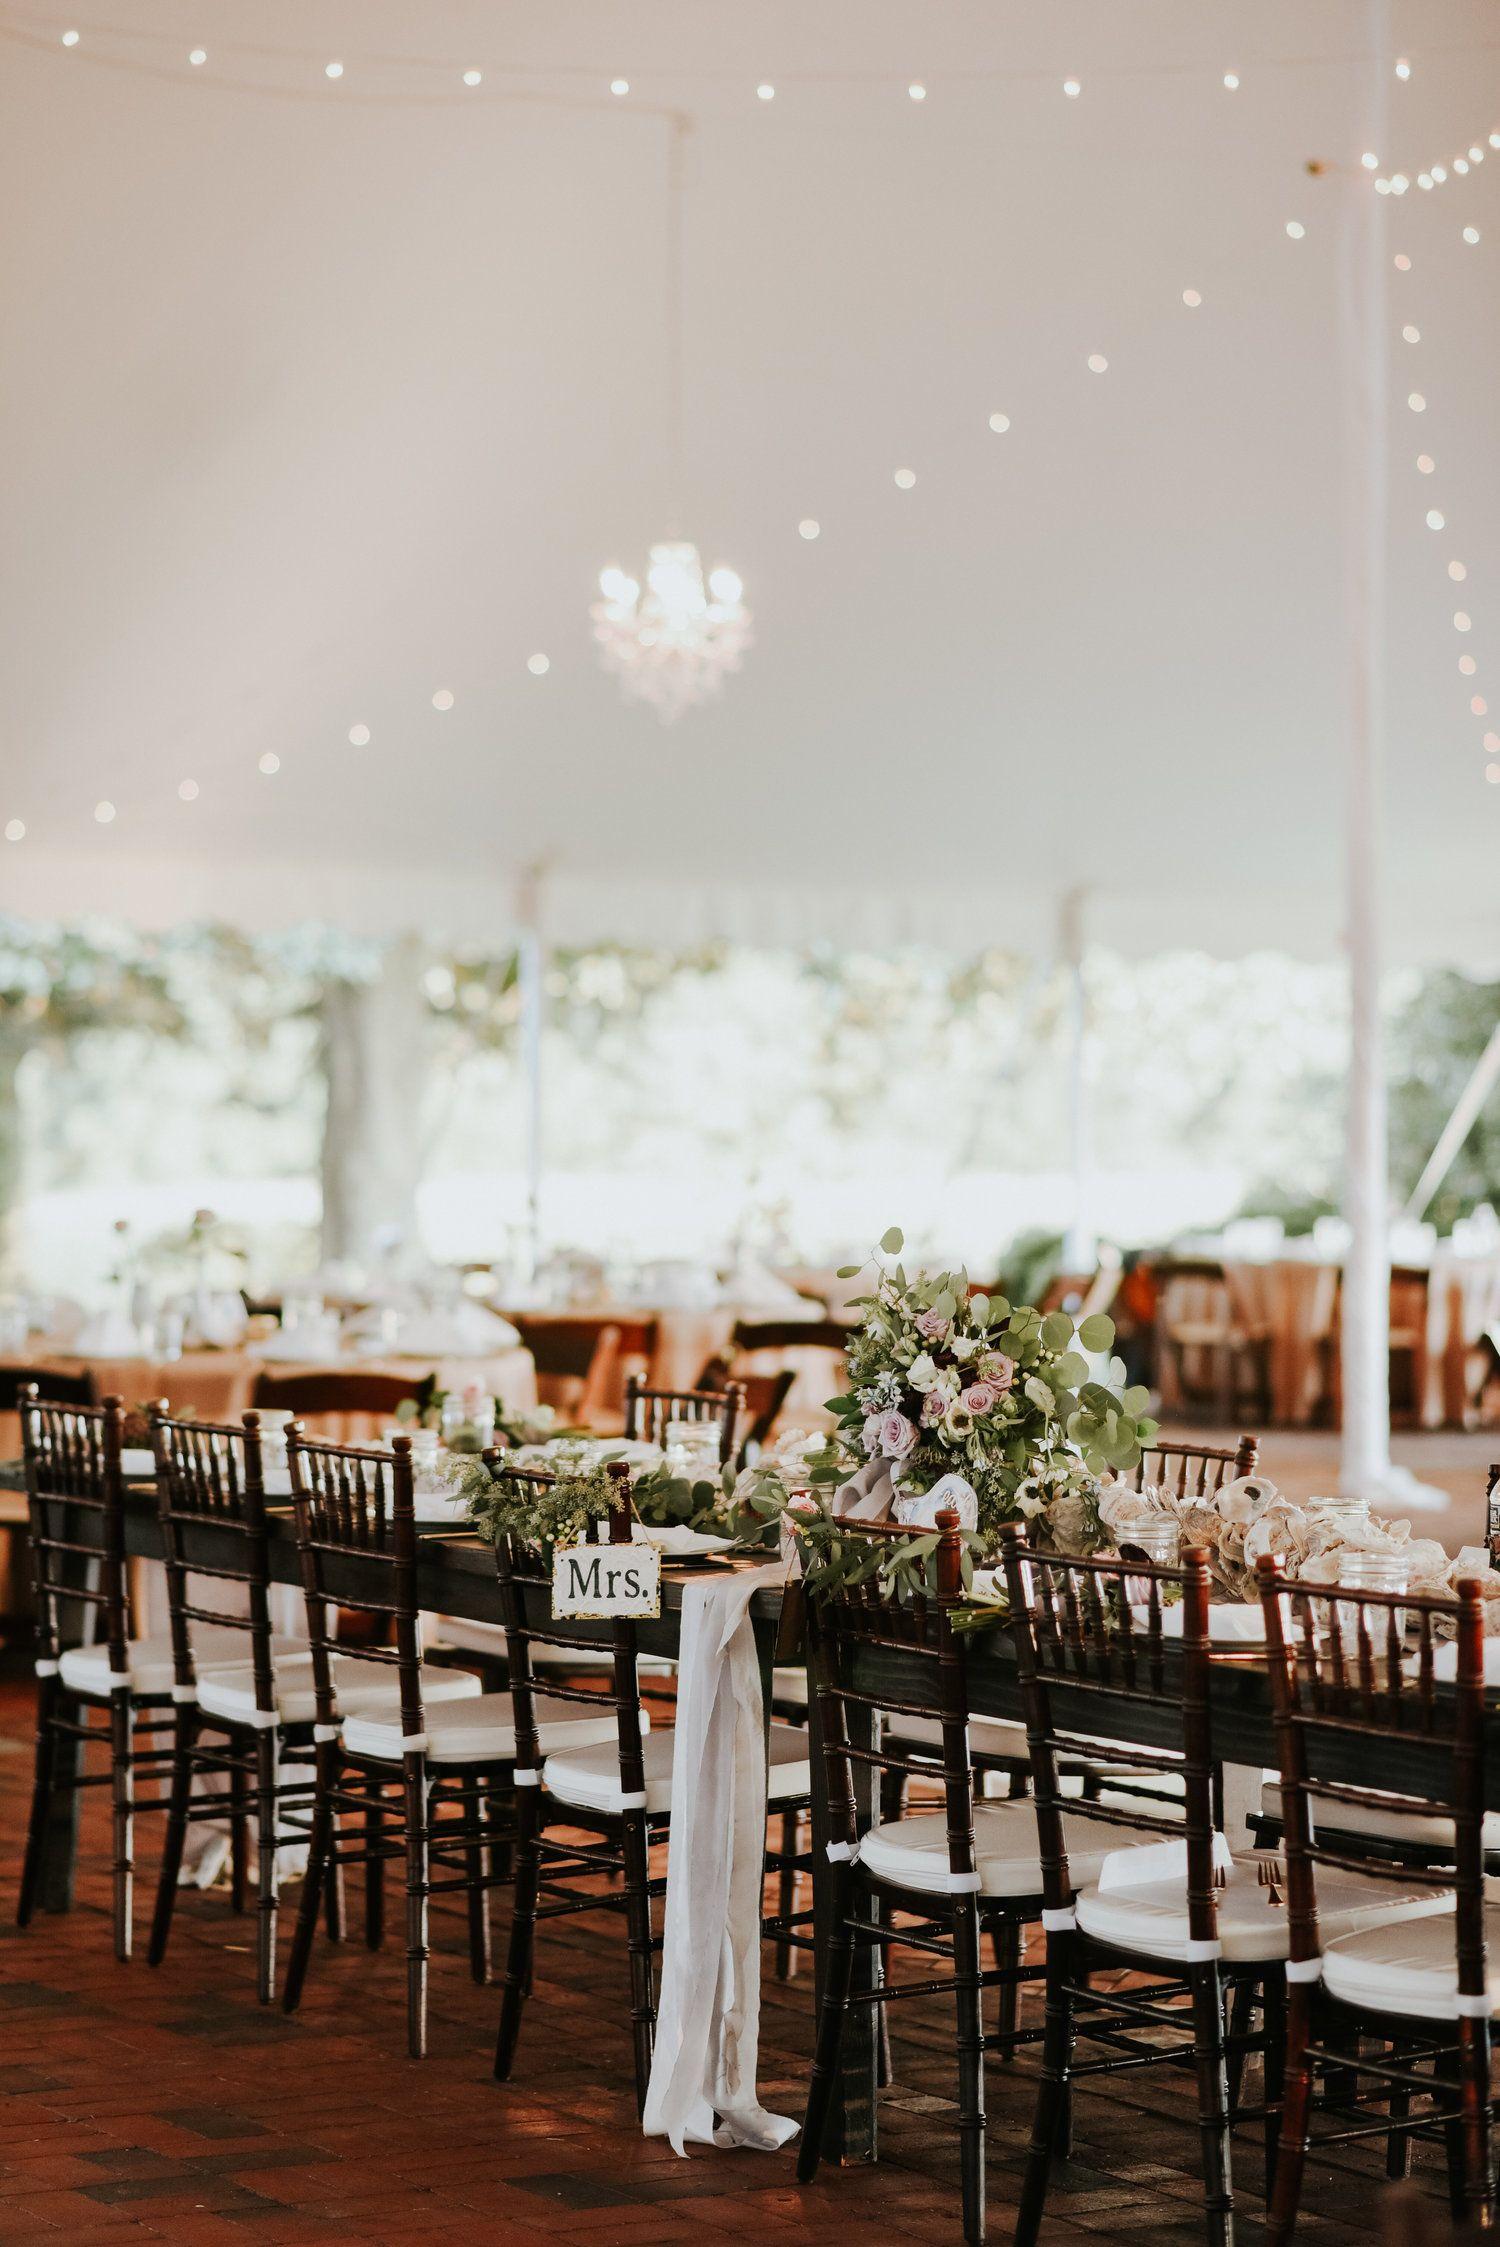 Brittland Manor Wedding In Chestertown Maryland Outdoor Wedding